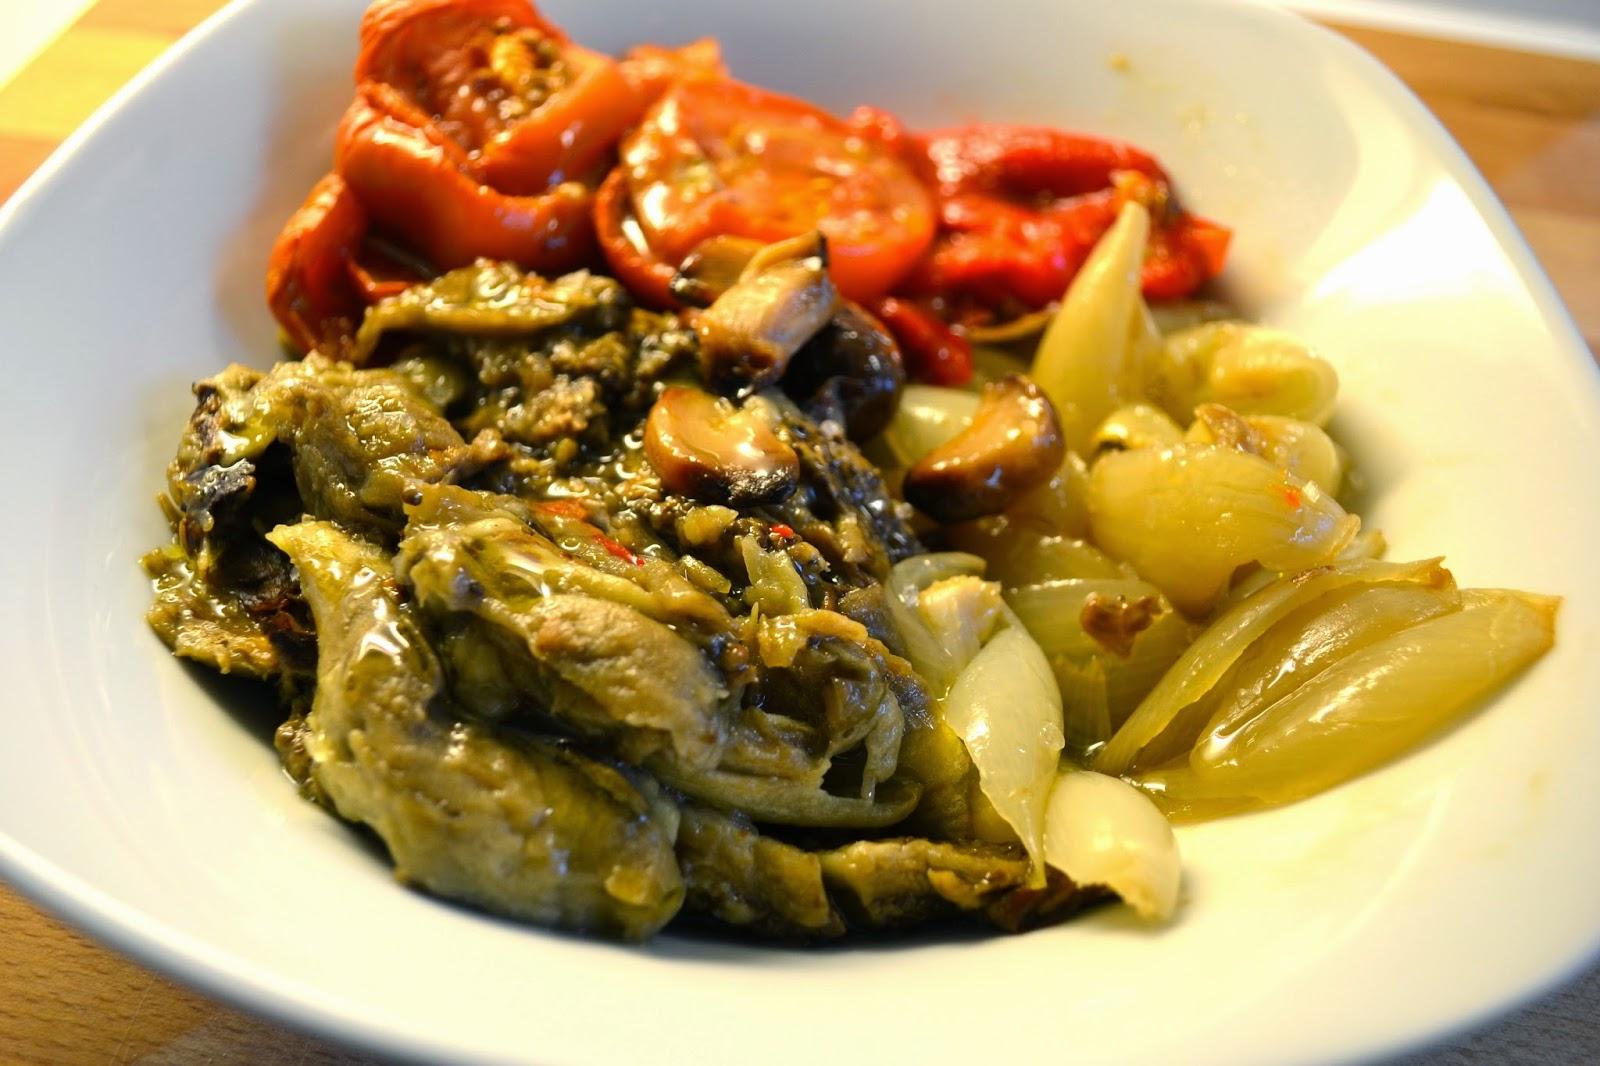 Receta de escalivada de verduras, cocina vegetariana